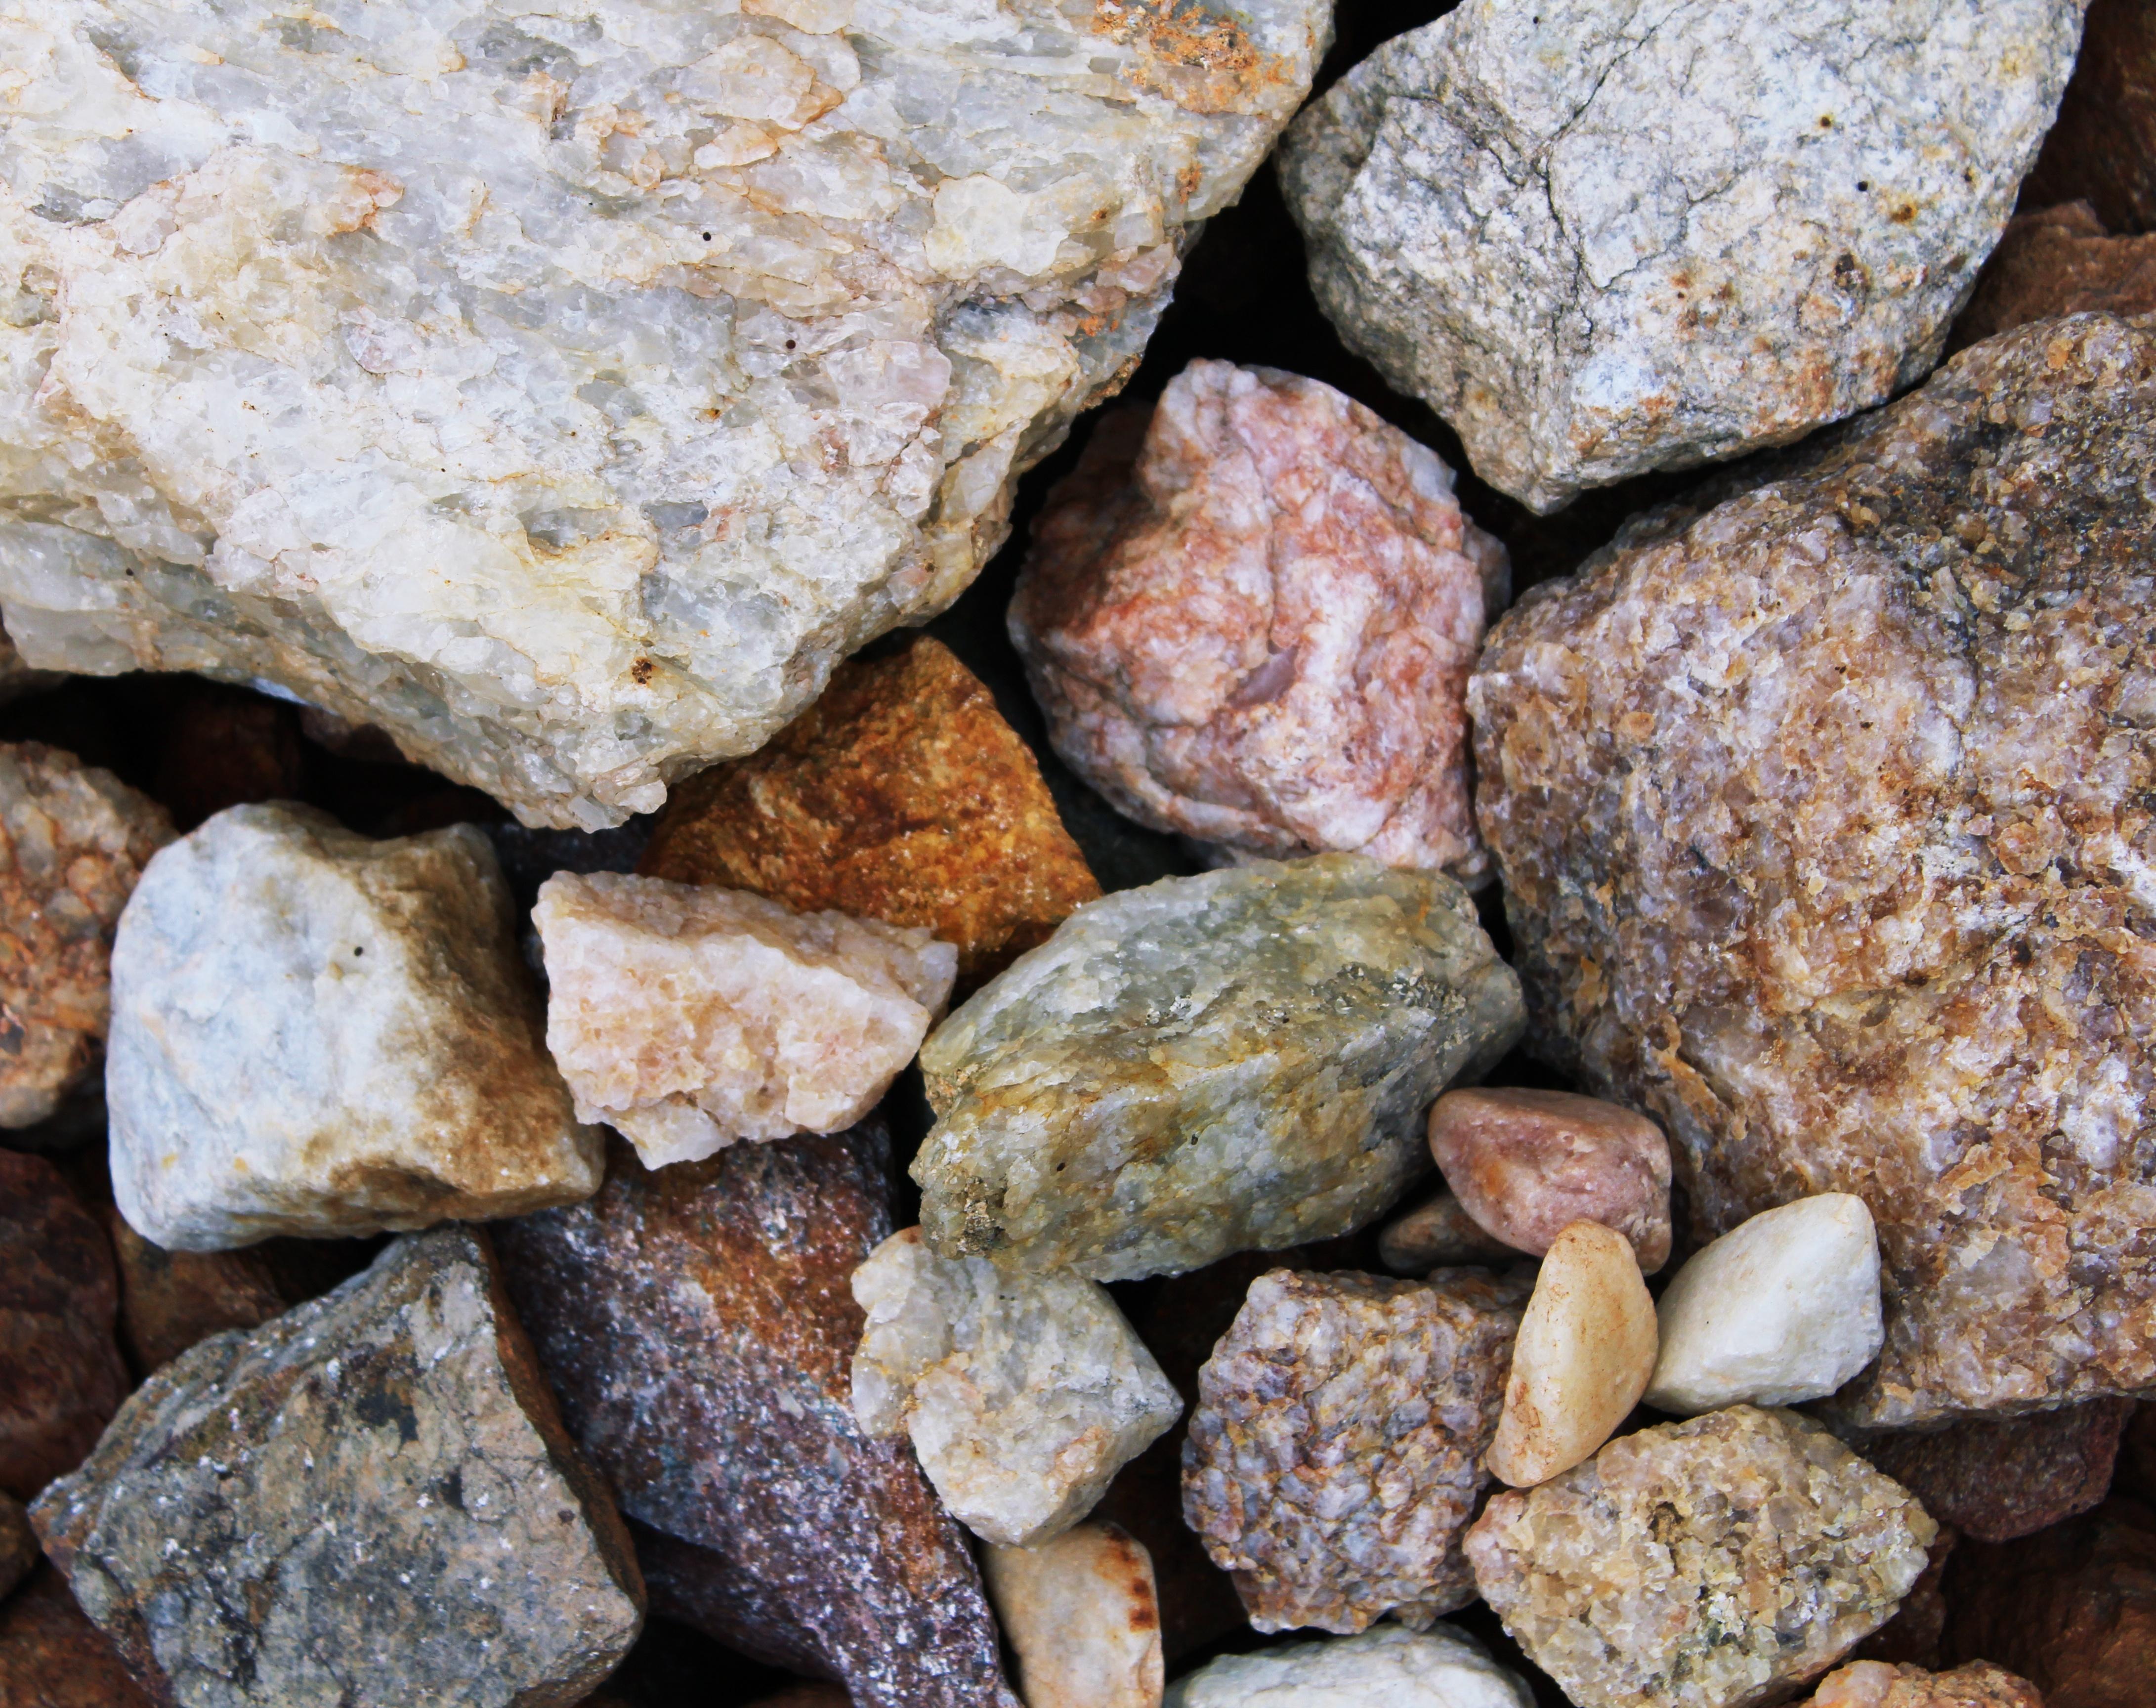 захотите картинки камней горных пород это крестный